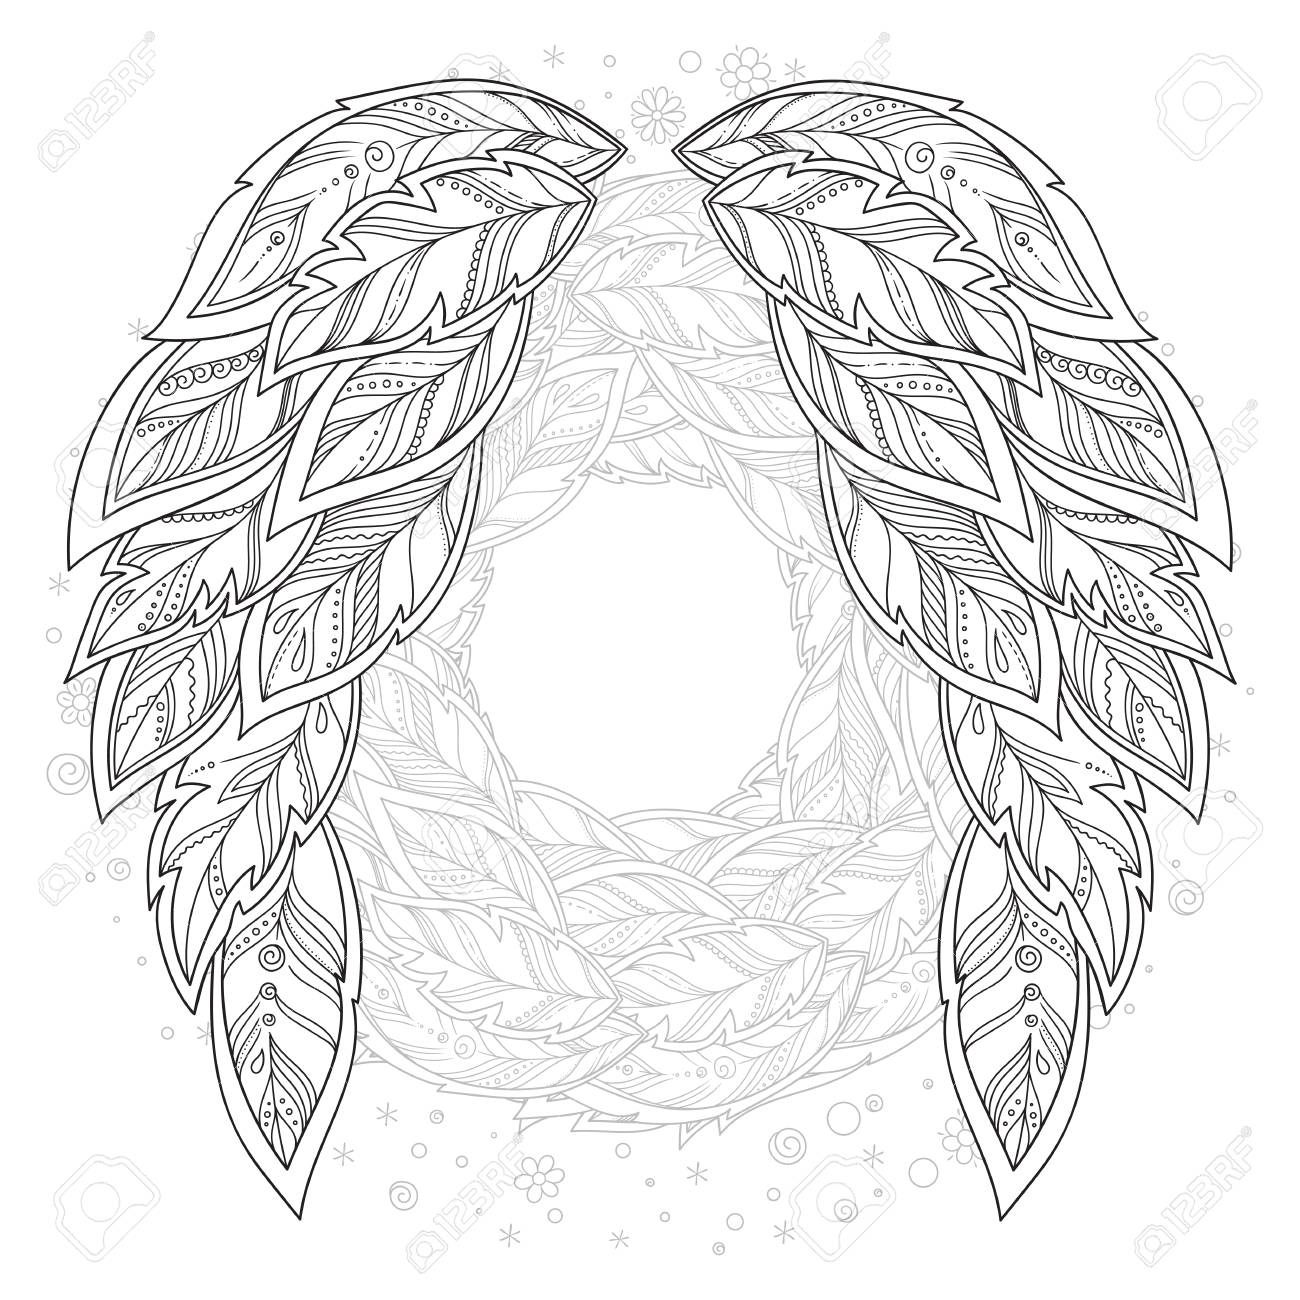 Flügel Feder. Muster für Malbuch. Ethnische gemusterte Vektorillustration.  Afrikaner, Inder, Totem, Tätowierung, Zentangle-Design. Skizze für